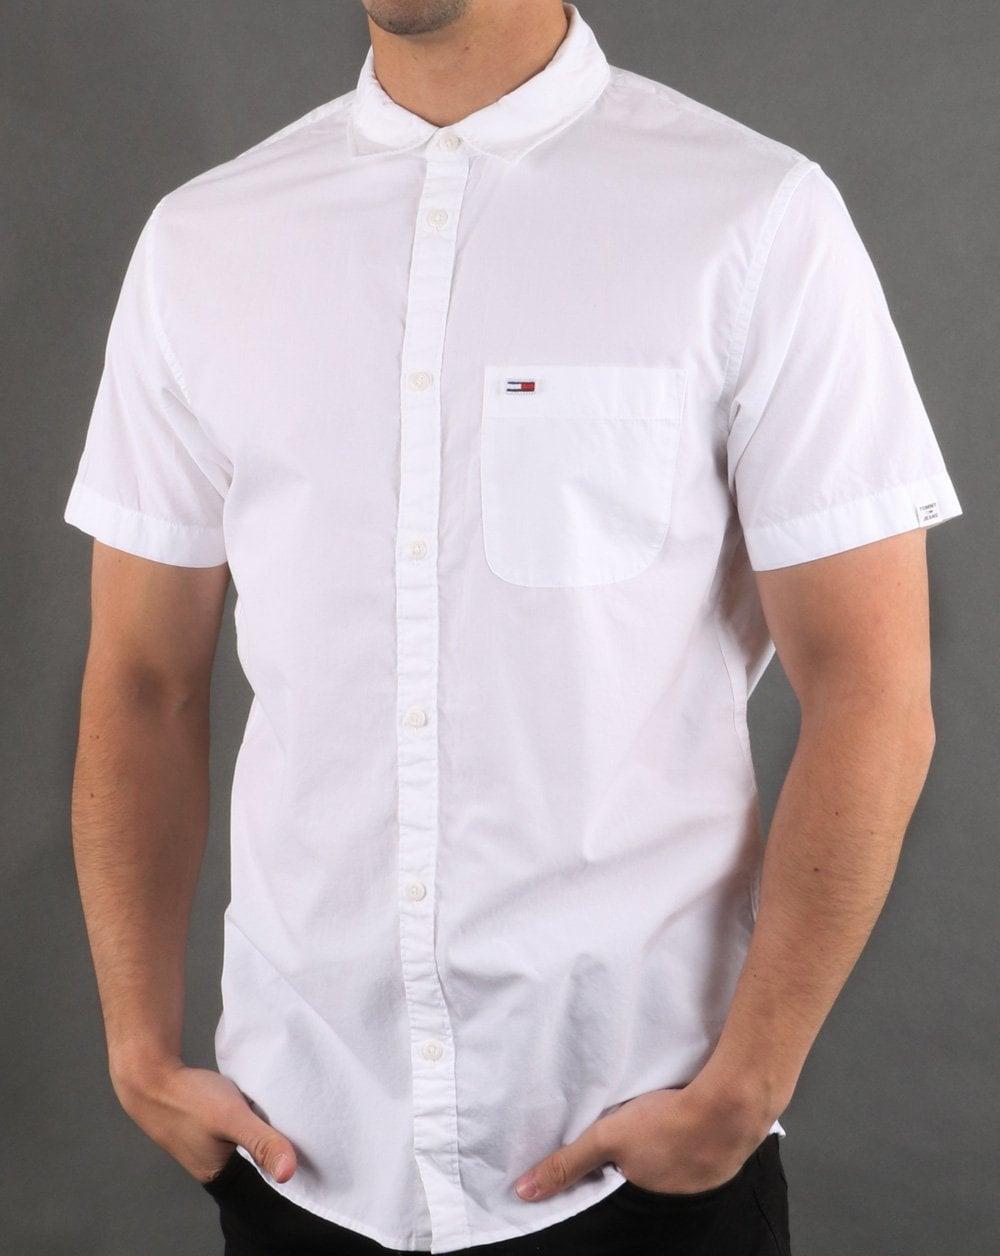 af7724ada Tommy Hilfiger Jeans Tommy Hilfiger Short Sleeve Poplin Shirt Classic White